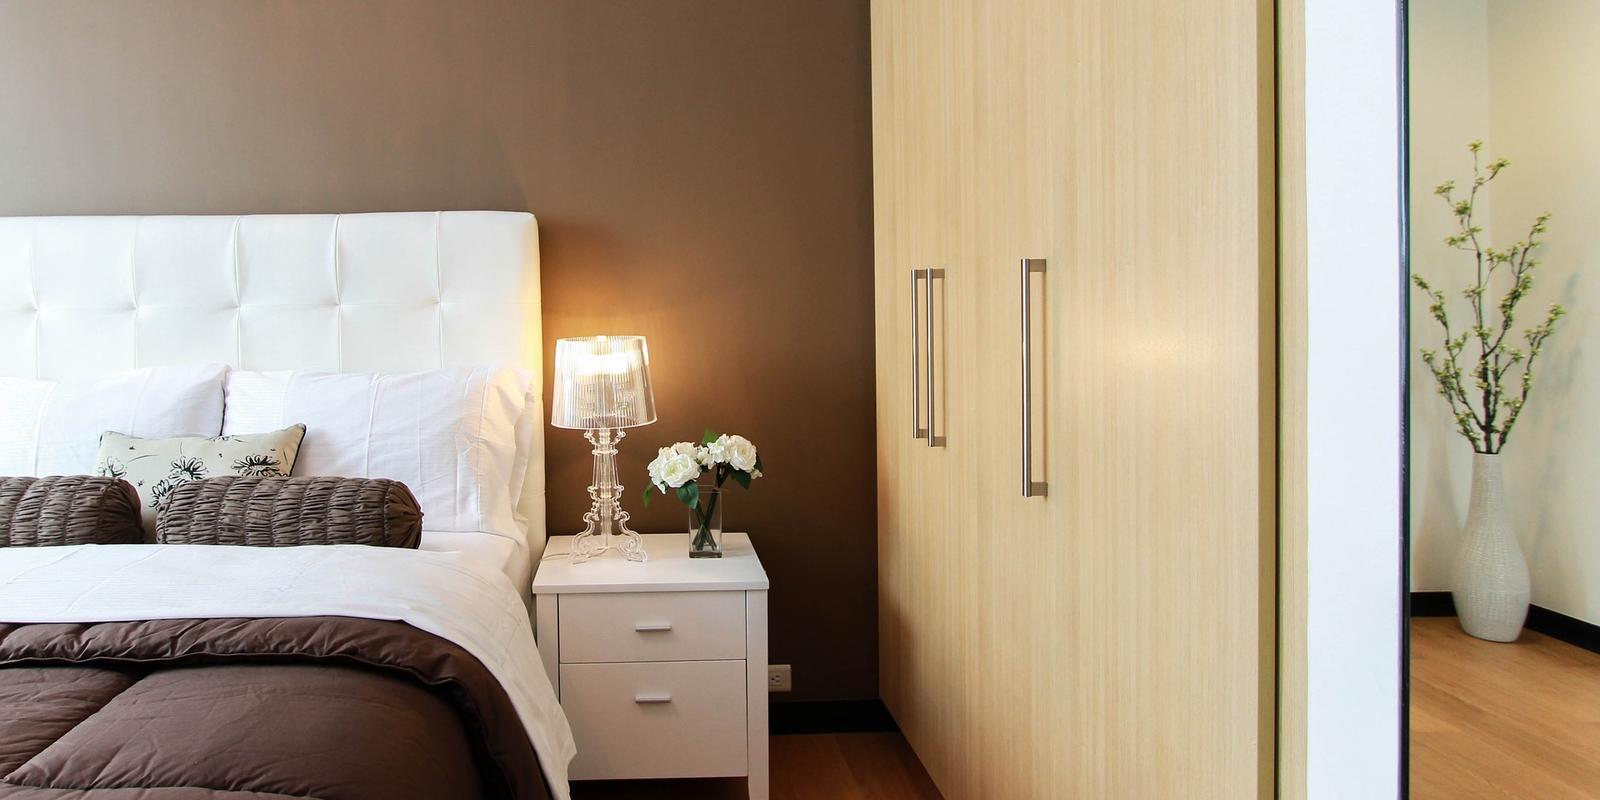 kleine slaapkamer kledingkast